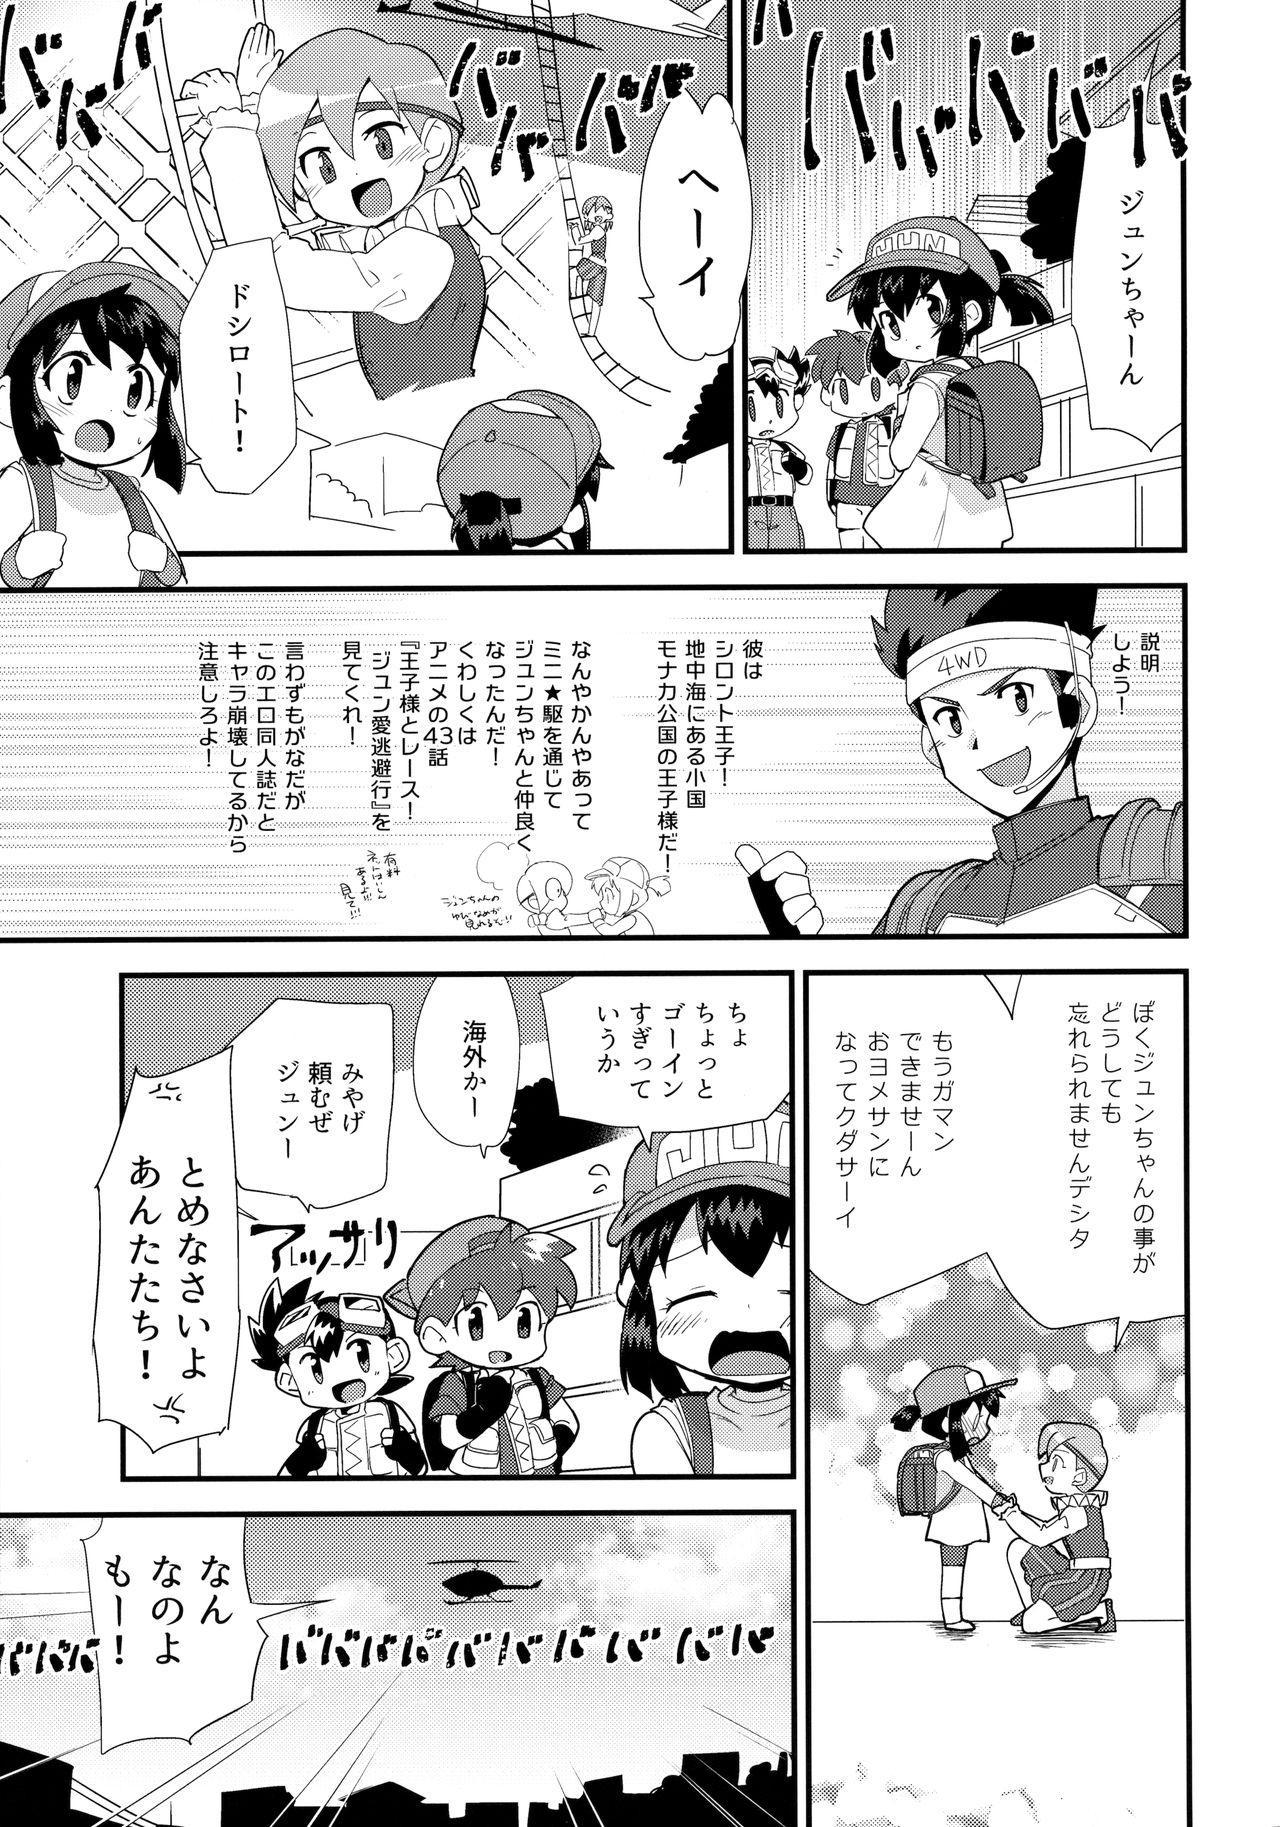 Ohime-sama no Jouken nante Kiitenai! 1